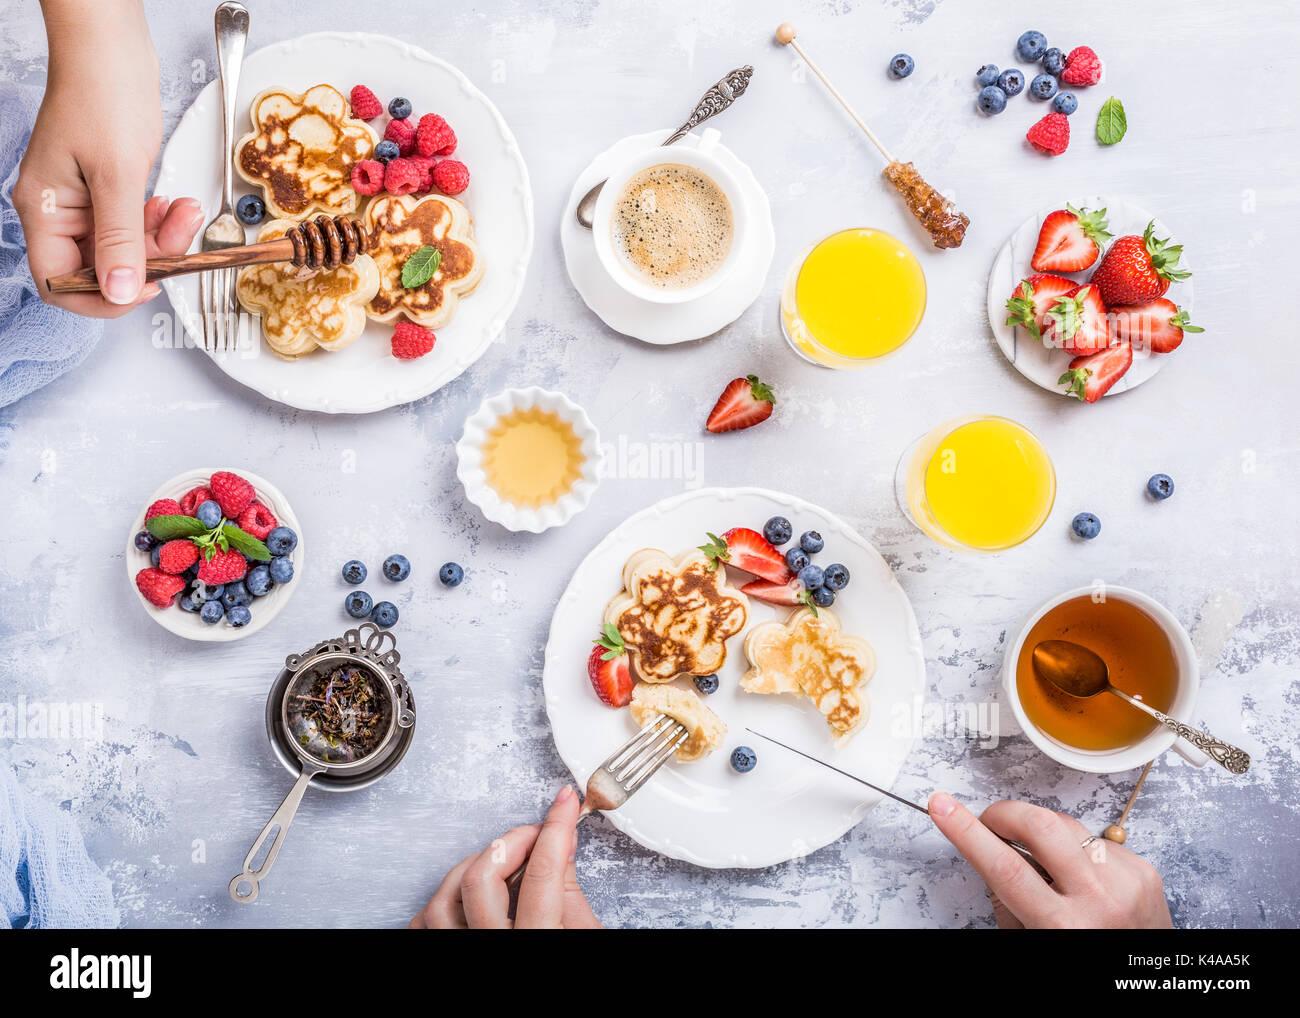 Sentar planas con scotch panqueques en forma de flor, bayas y miel con manos humanas. desayuno saludable concepto. mujeres comer juntos, vista desde arriba. Imagen De Stock